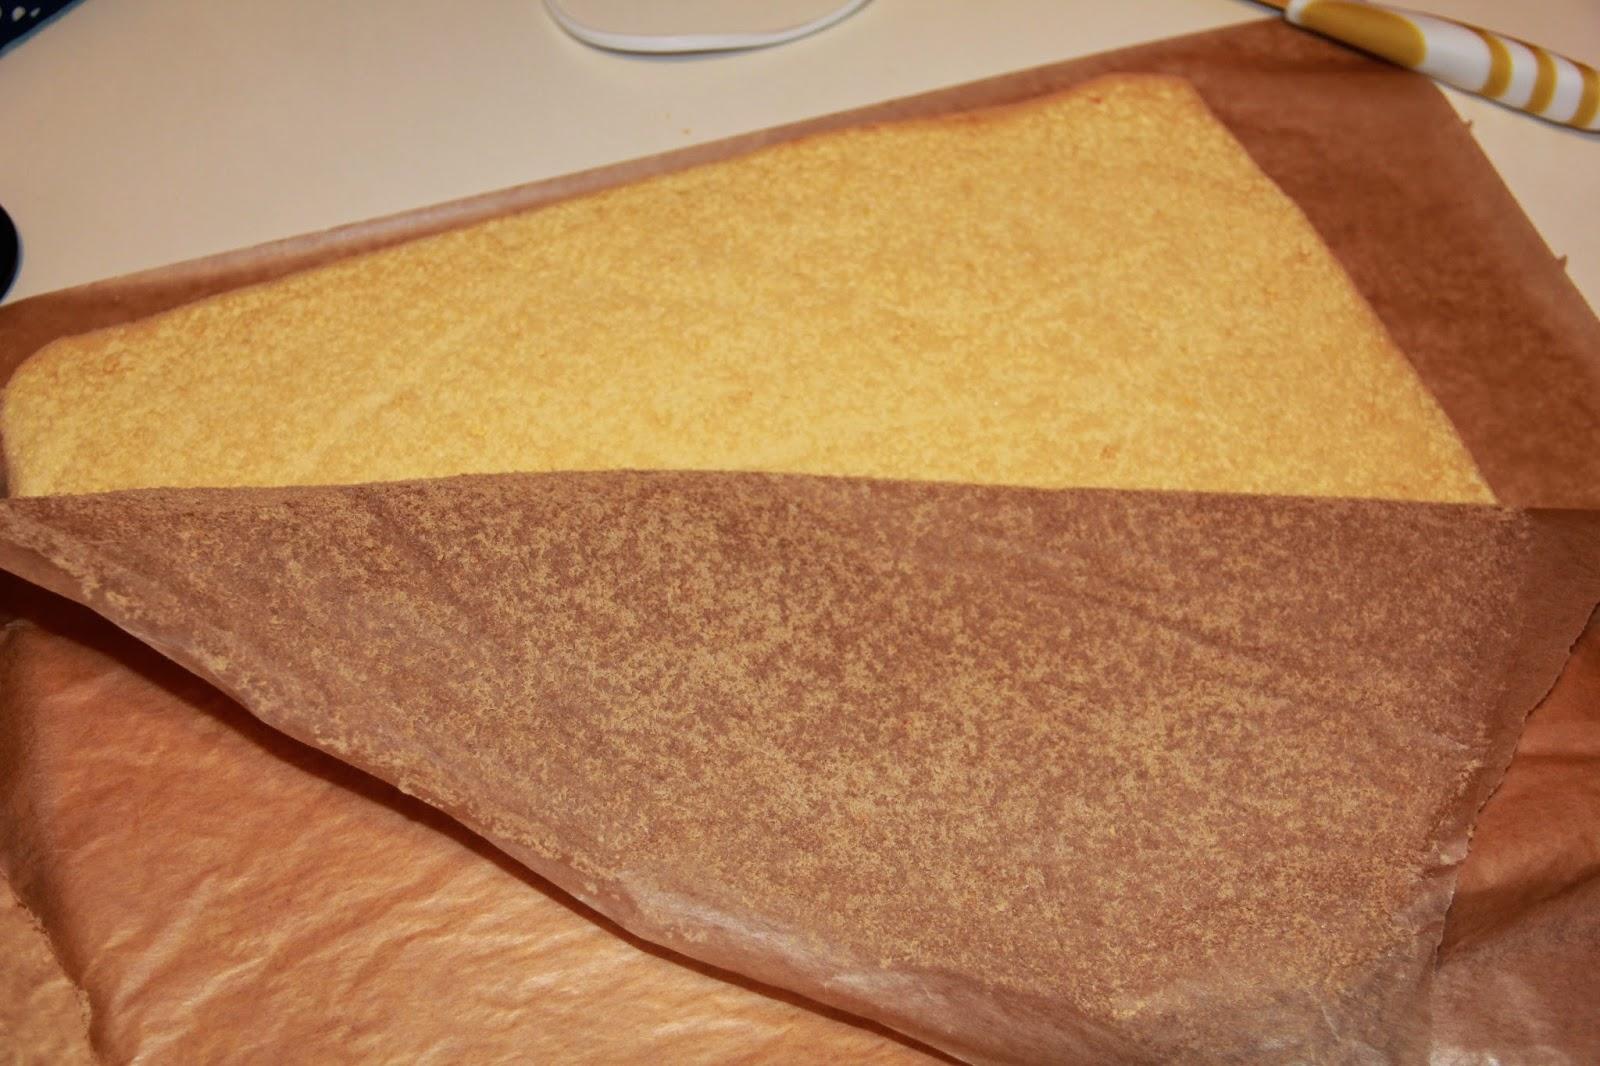 Как убрать бумагу прилипшую к выпечке